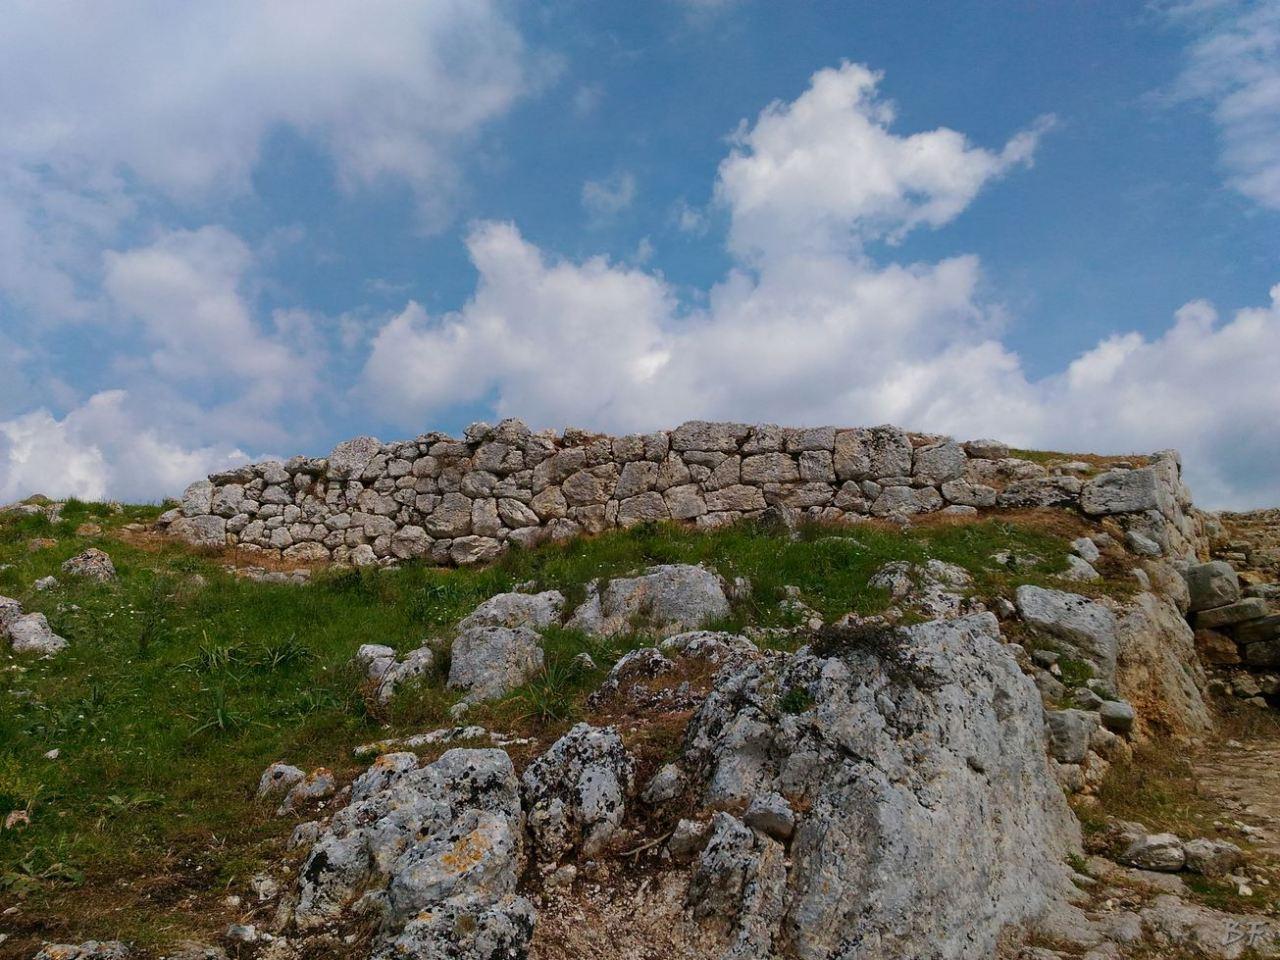 Norba-Mura-Megalitiche-Poligonali-Latina-Lazio-Italia-16